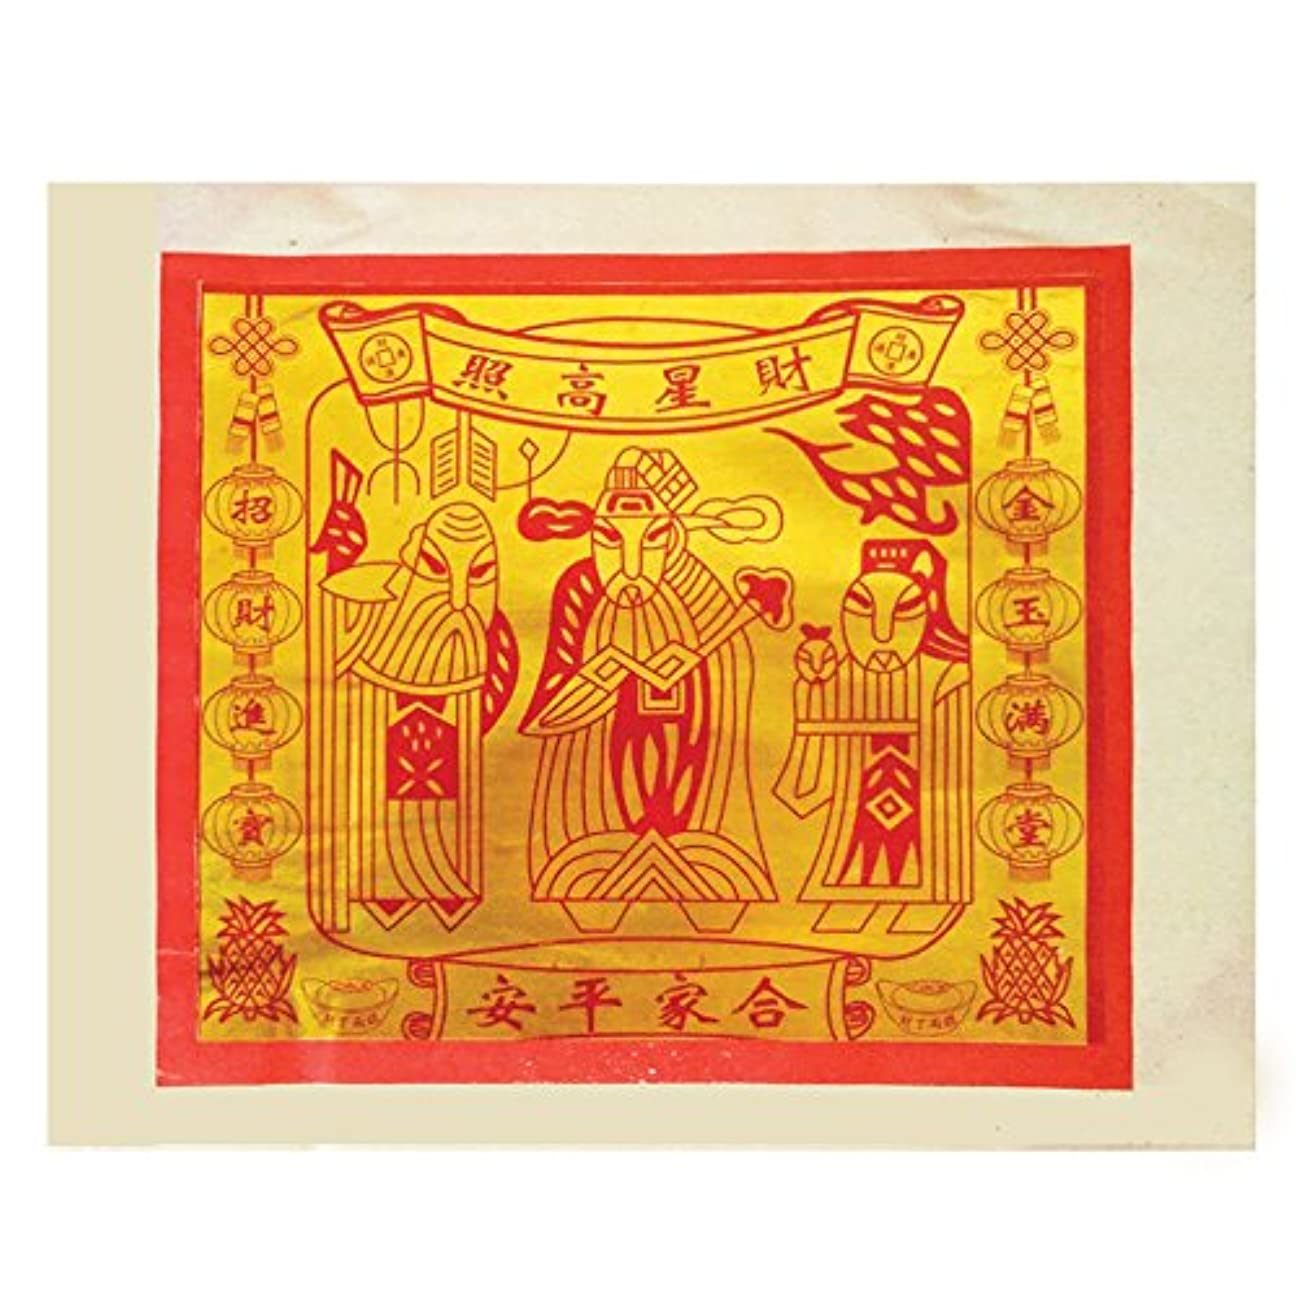 安いです意気揚々素晴らしい100個Incense用紙/ Joss用紙with High Gradeゴールド箔サイズL15.75インチx 13.25インチ